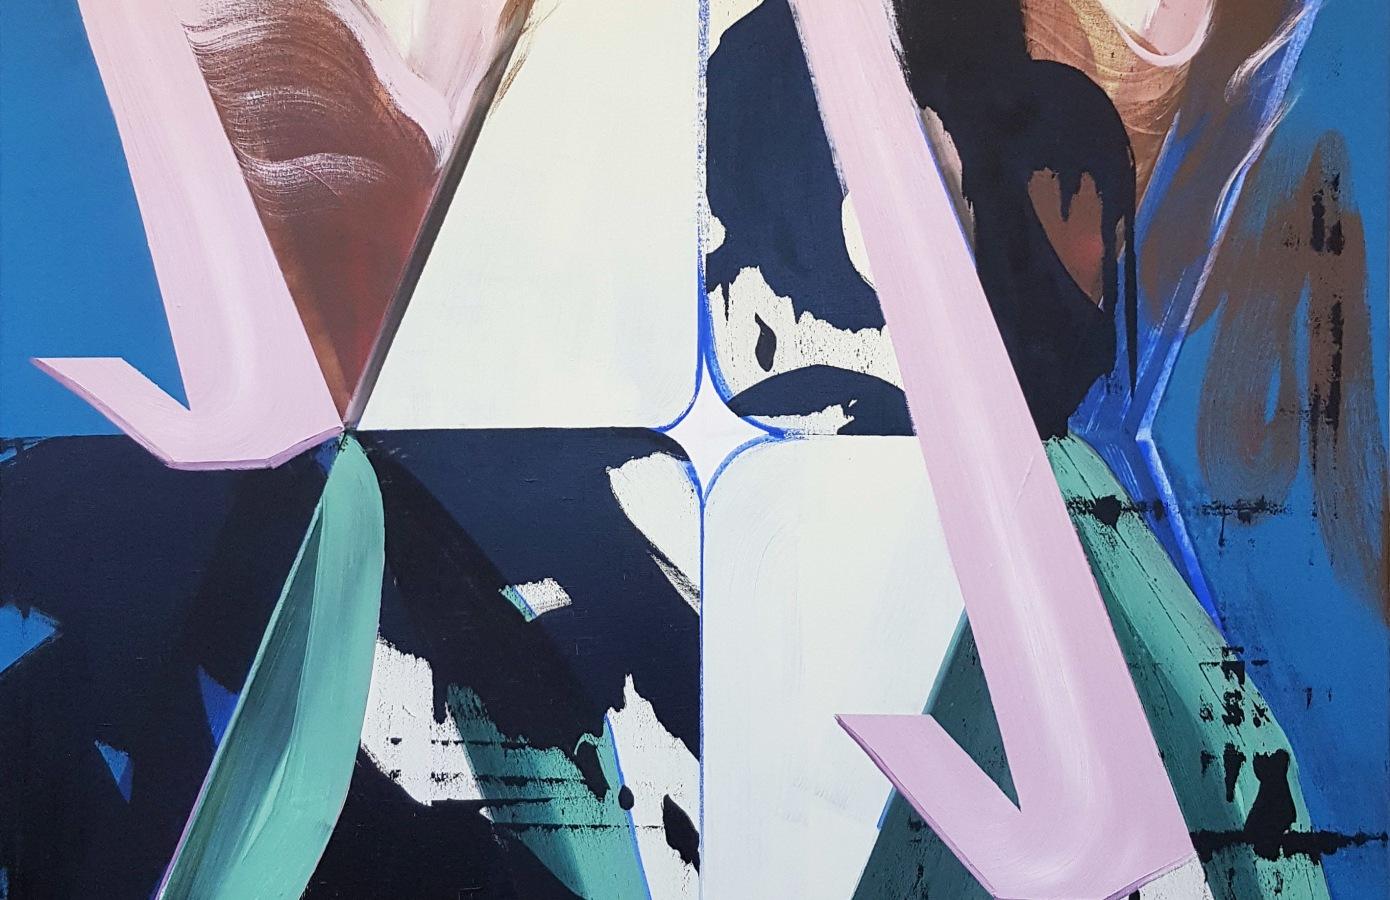 Art Rotterdam 2019, Ide André, Koen Delaere, Jochen Mühlenbrink, Janine van Oene, Johan Tahon, Bas de Wit,